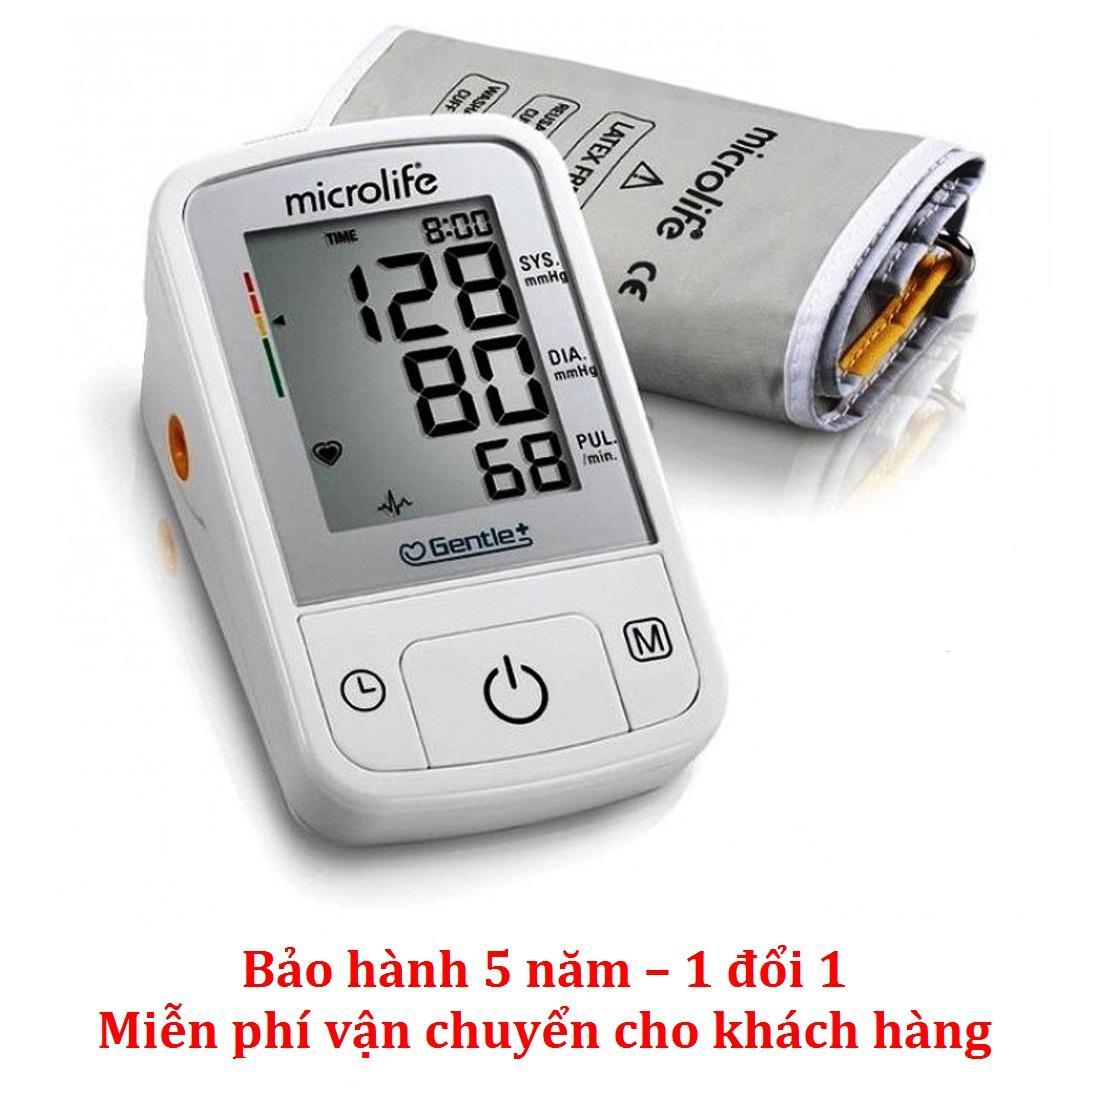 Máy đo huyết áp bắp tay Microlife A2 Basic (Trắng phối xám) bán chạy